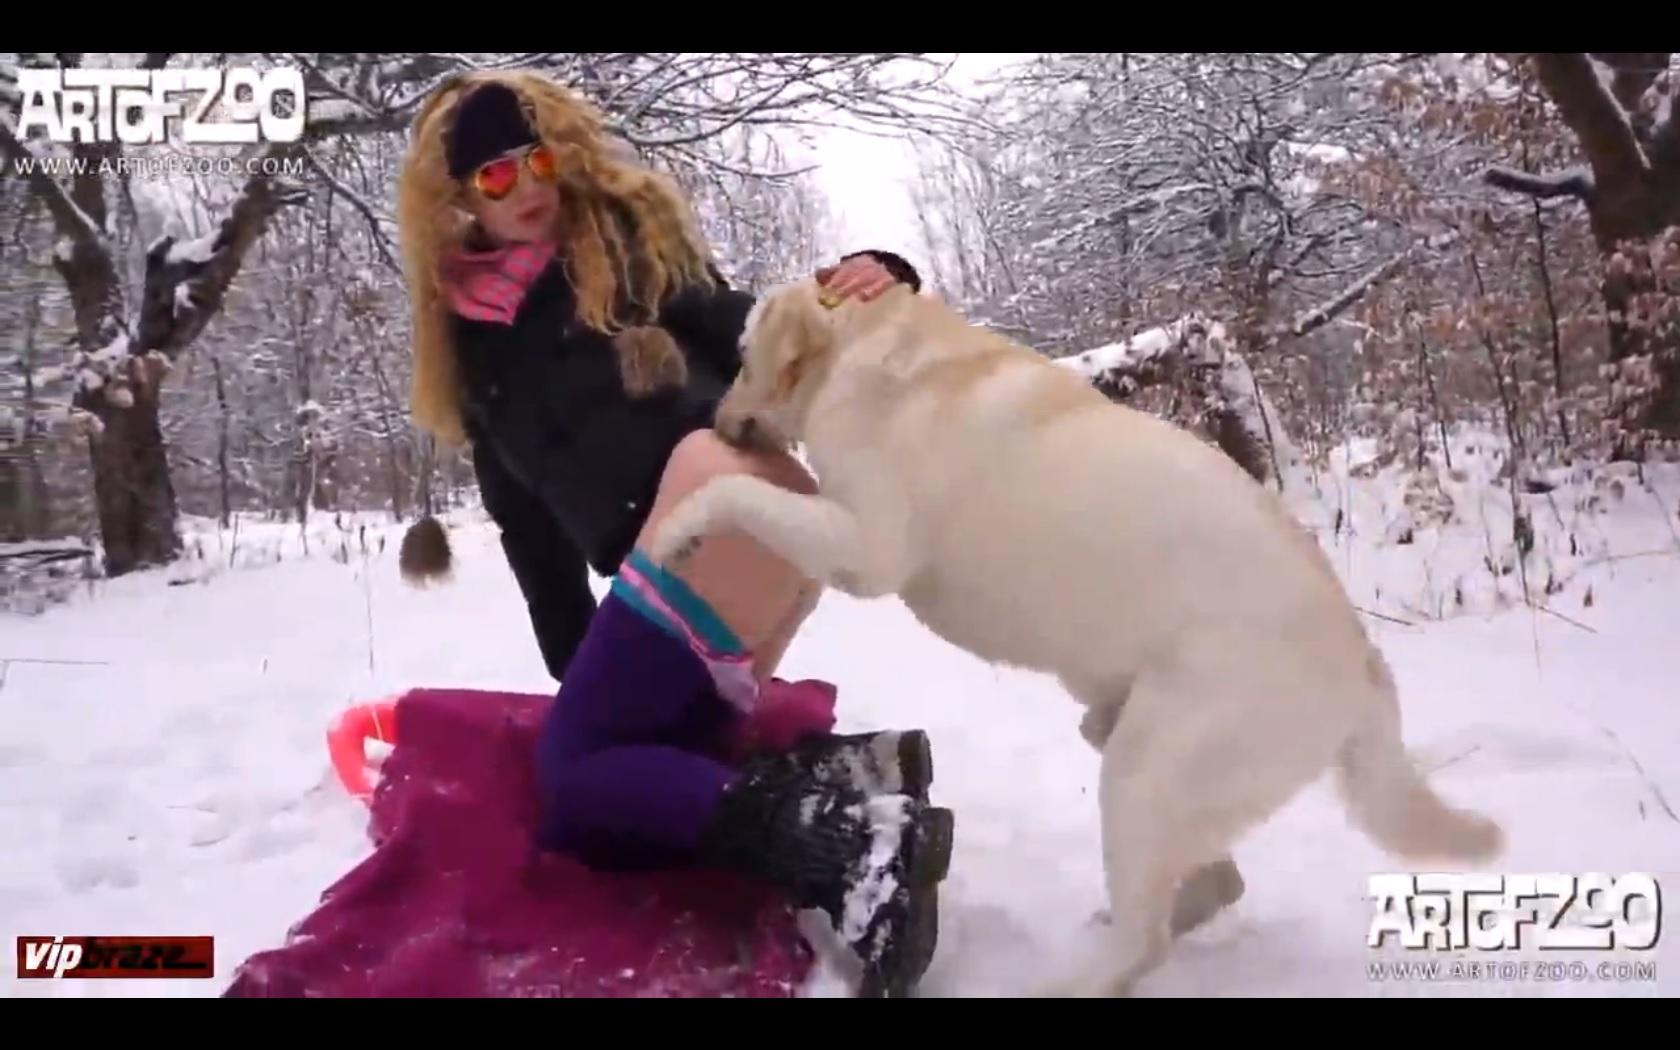 سكس حيوانات – تتناك من الكلب وسط الثليج من اجل ارضاء شهوتها الساخنة